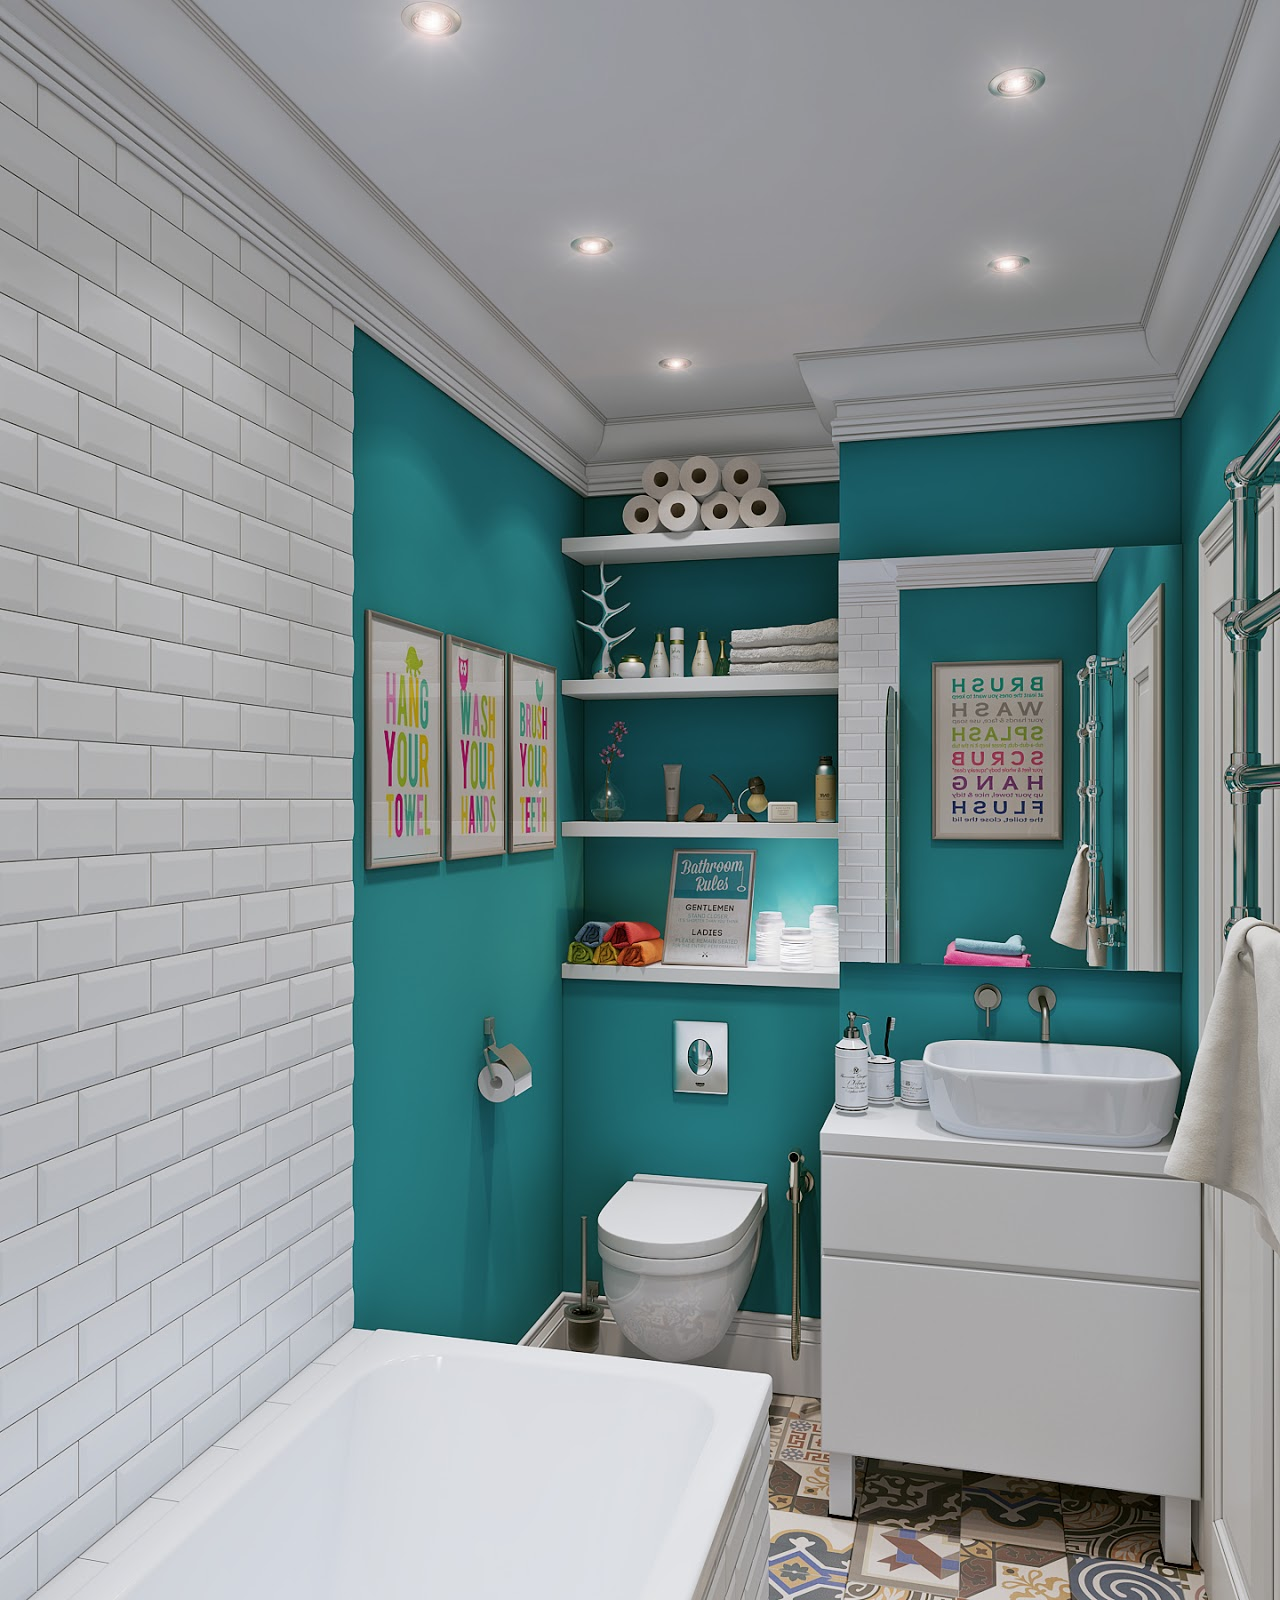 Arredare piccoli spazi giocando con i colori 25 mq for Couleur petite salle de bain